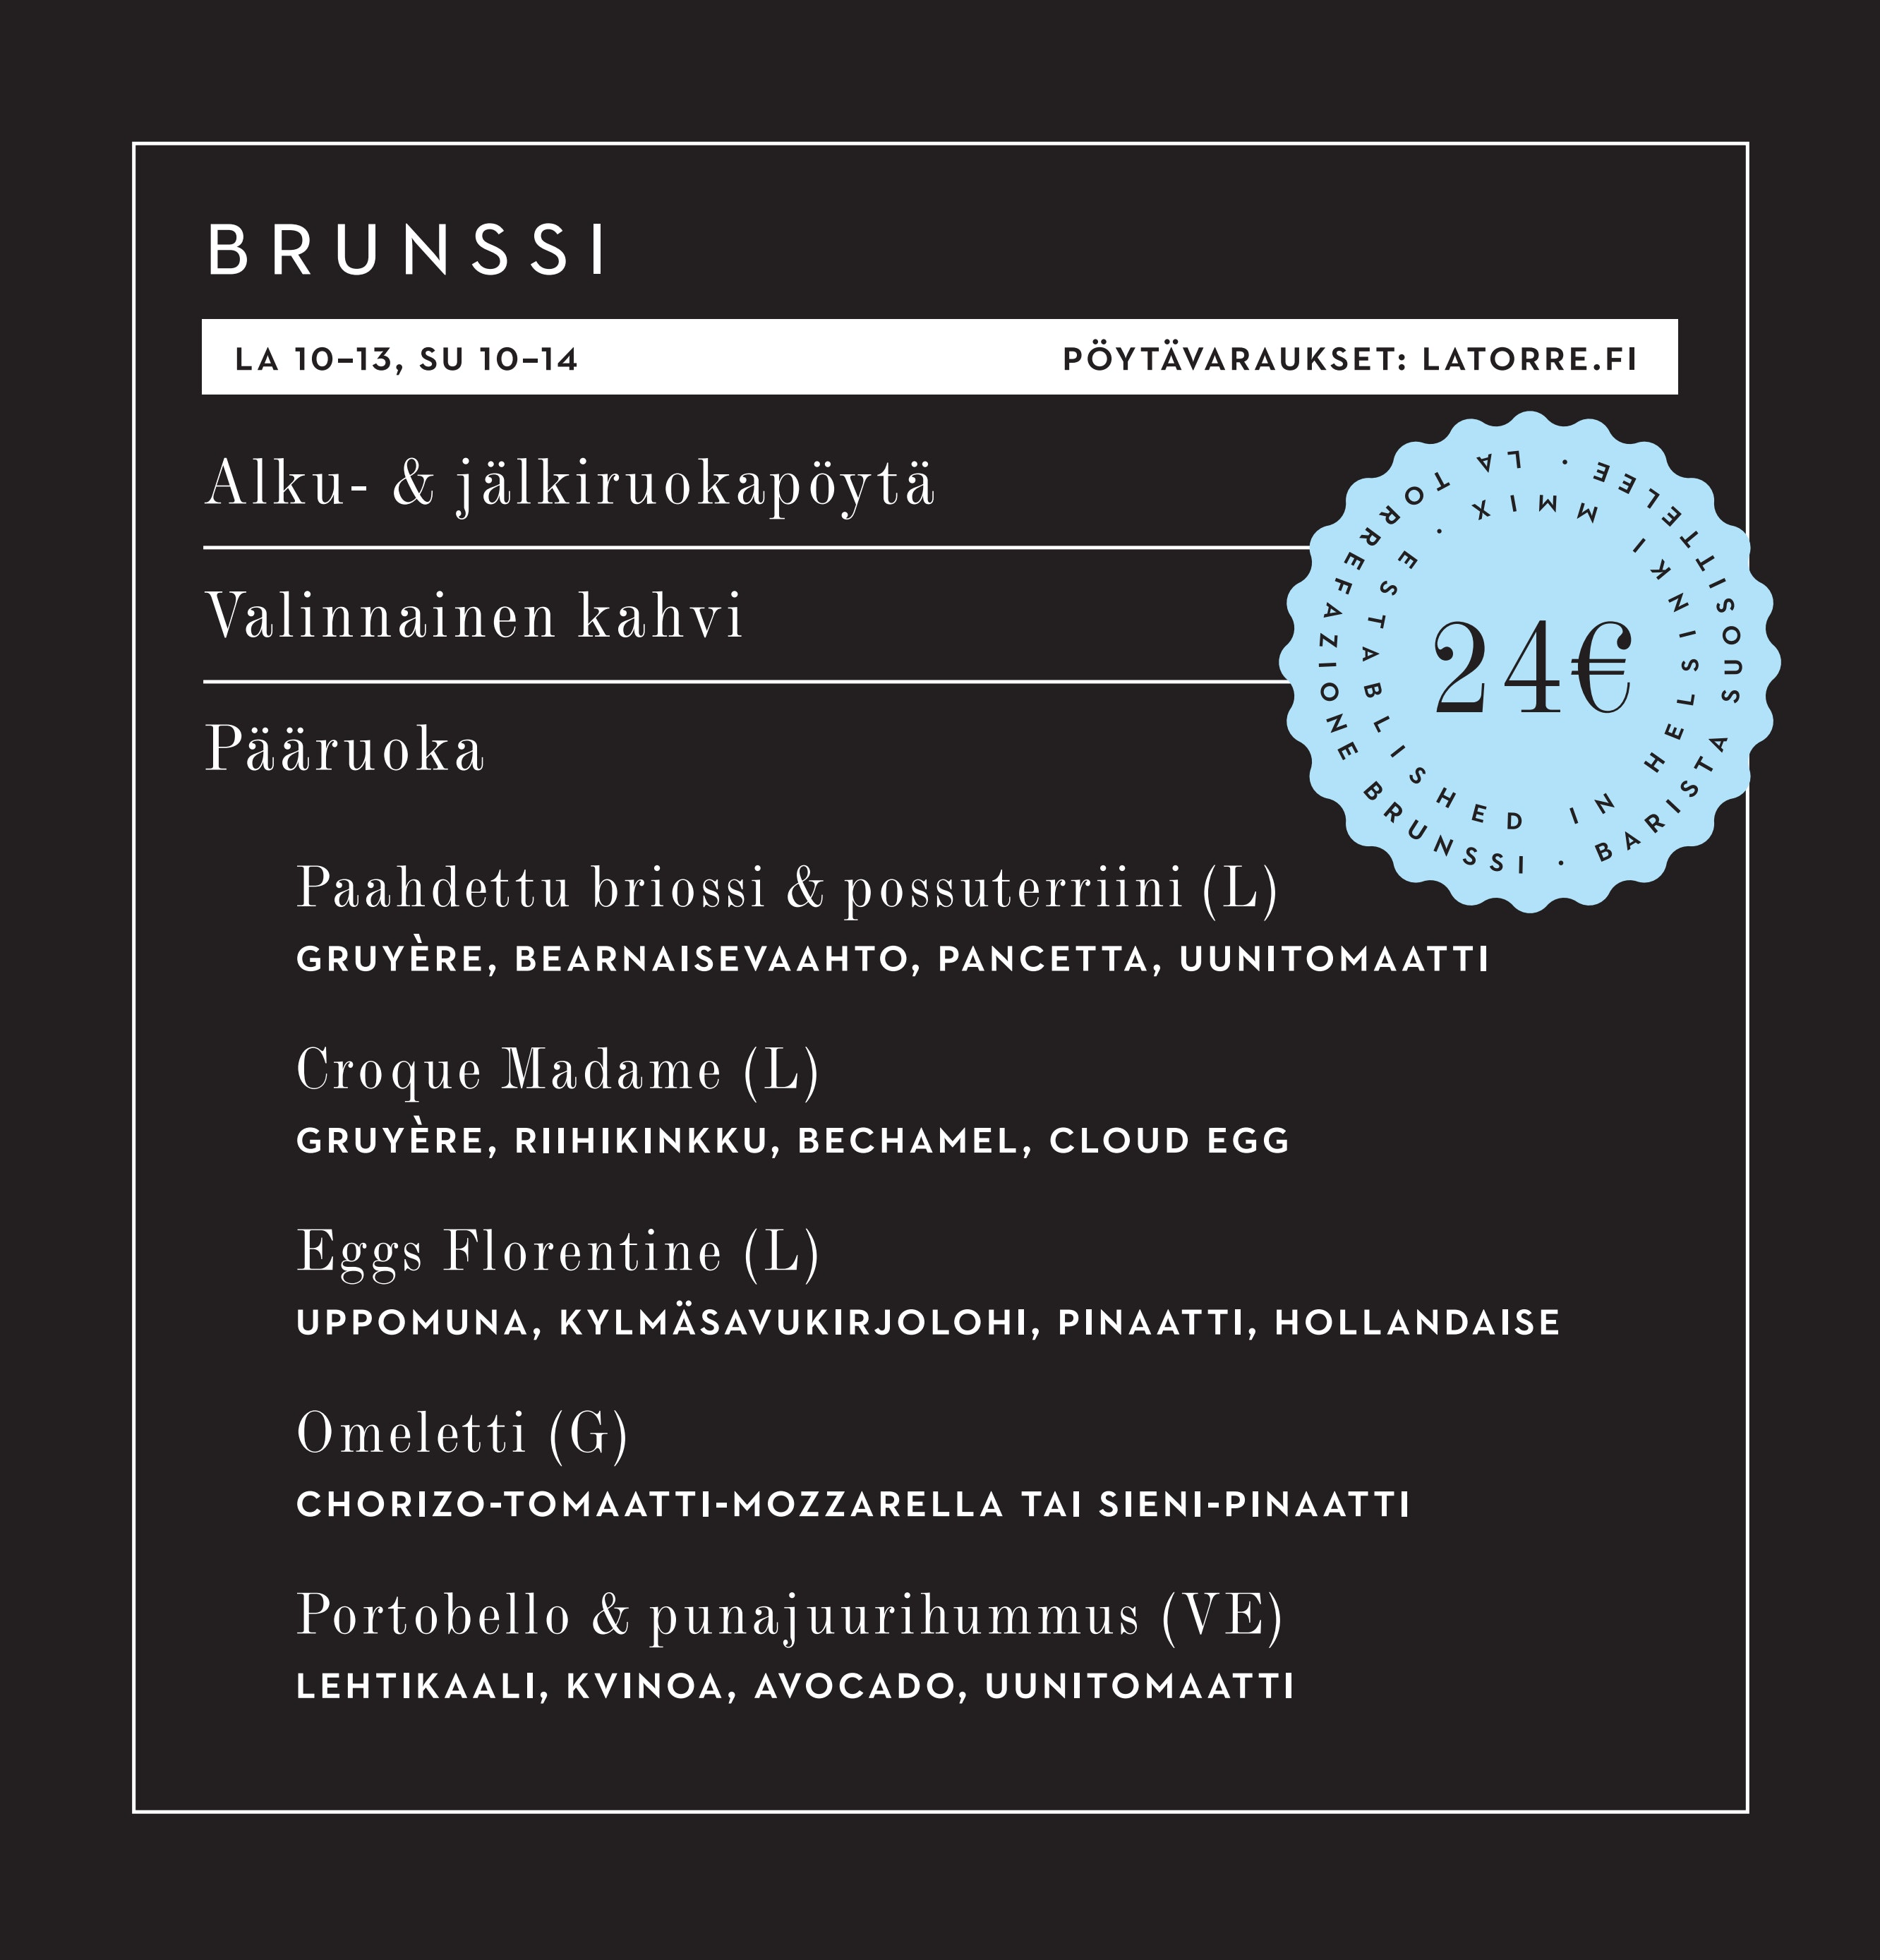 La Torrefazione Kortteli menu 1/1